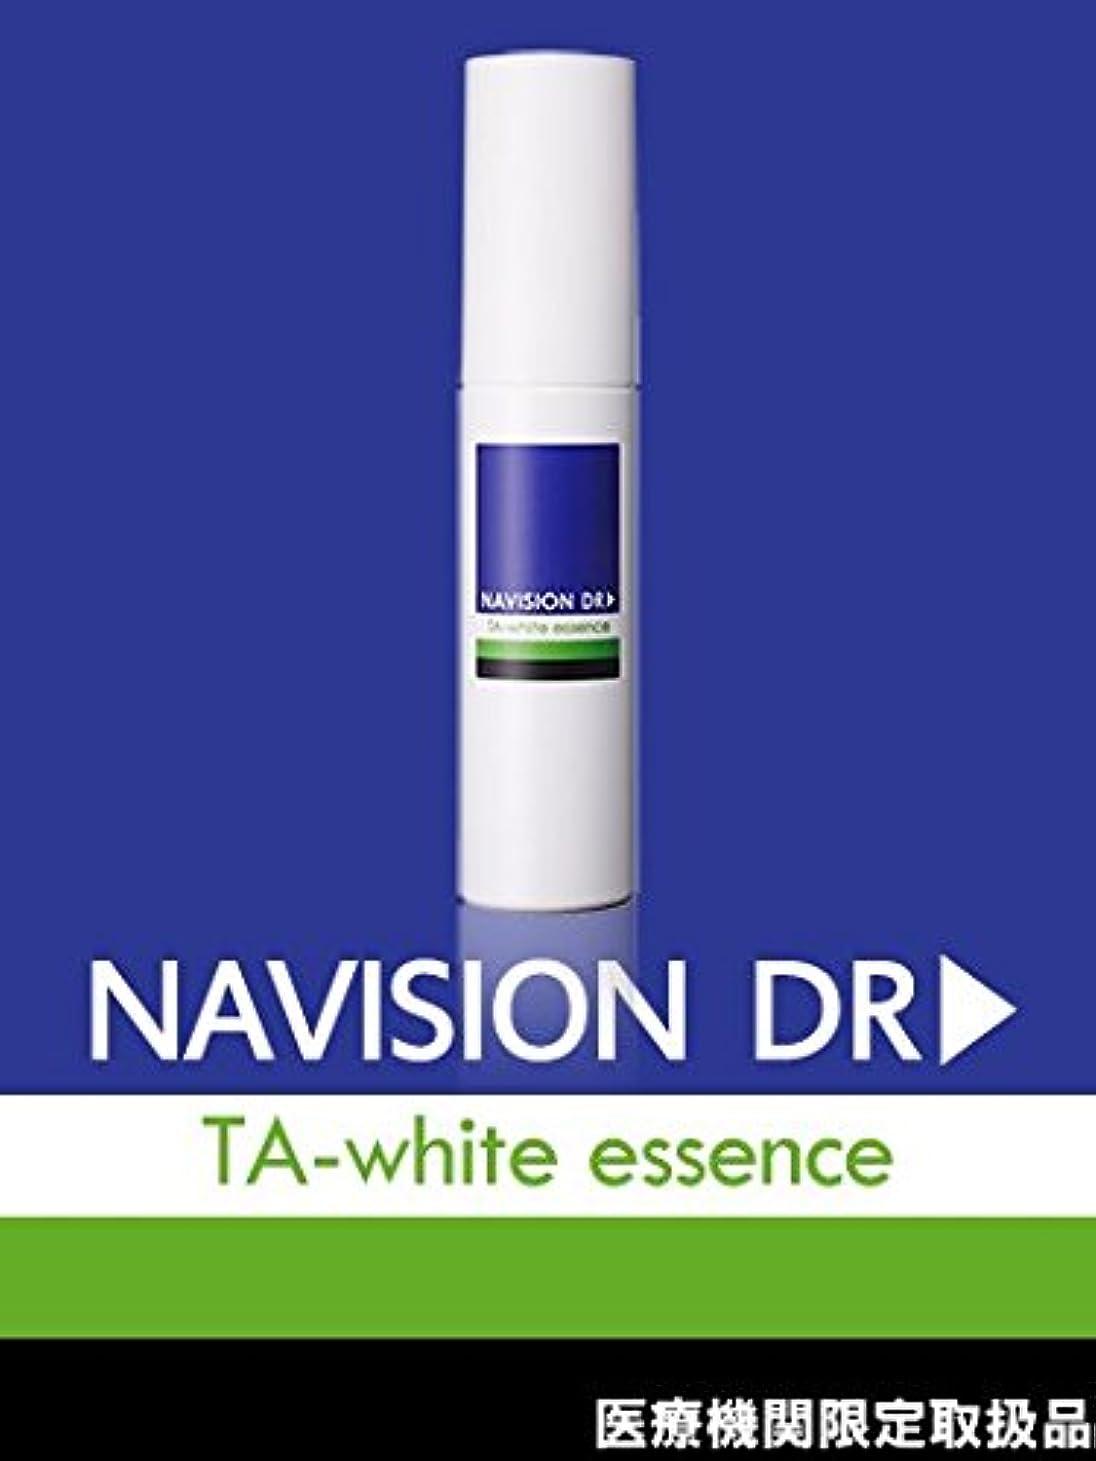 性能マント耳NAVISION DR? ナビジョンDR TAホワイトエッセンス(医薬部外品) 45mL 【医療機関限定取扱品】